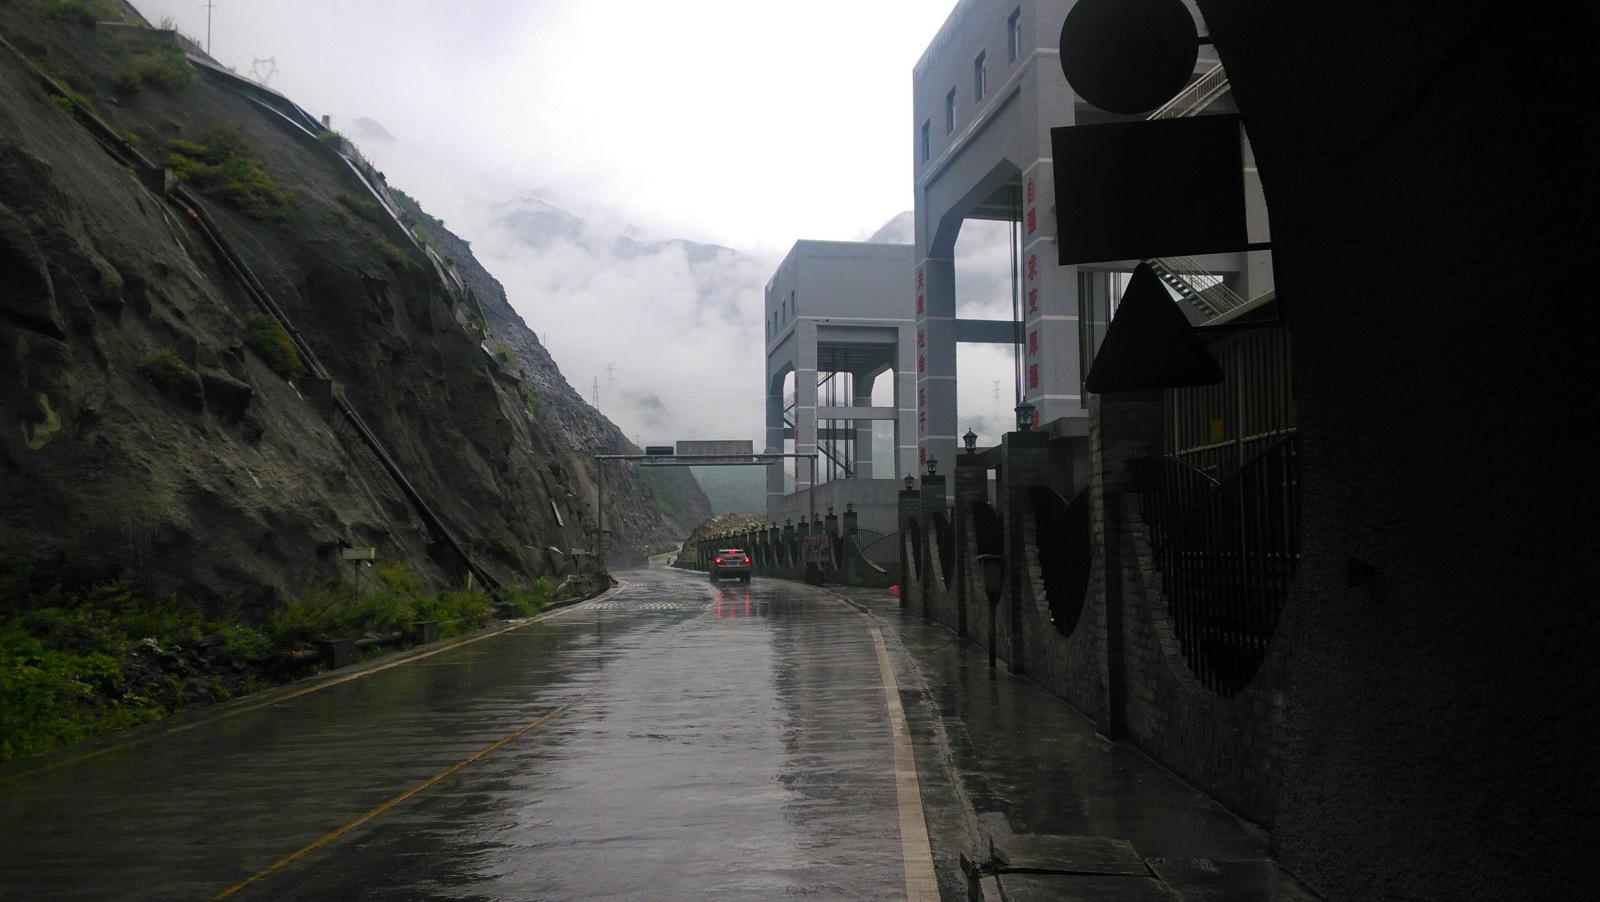 一出泸定伴着江水就是高架路,隧道,给人一种城堡间穿梭的诡异感觉